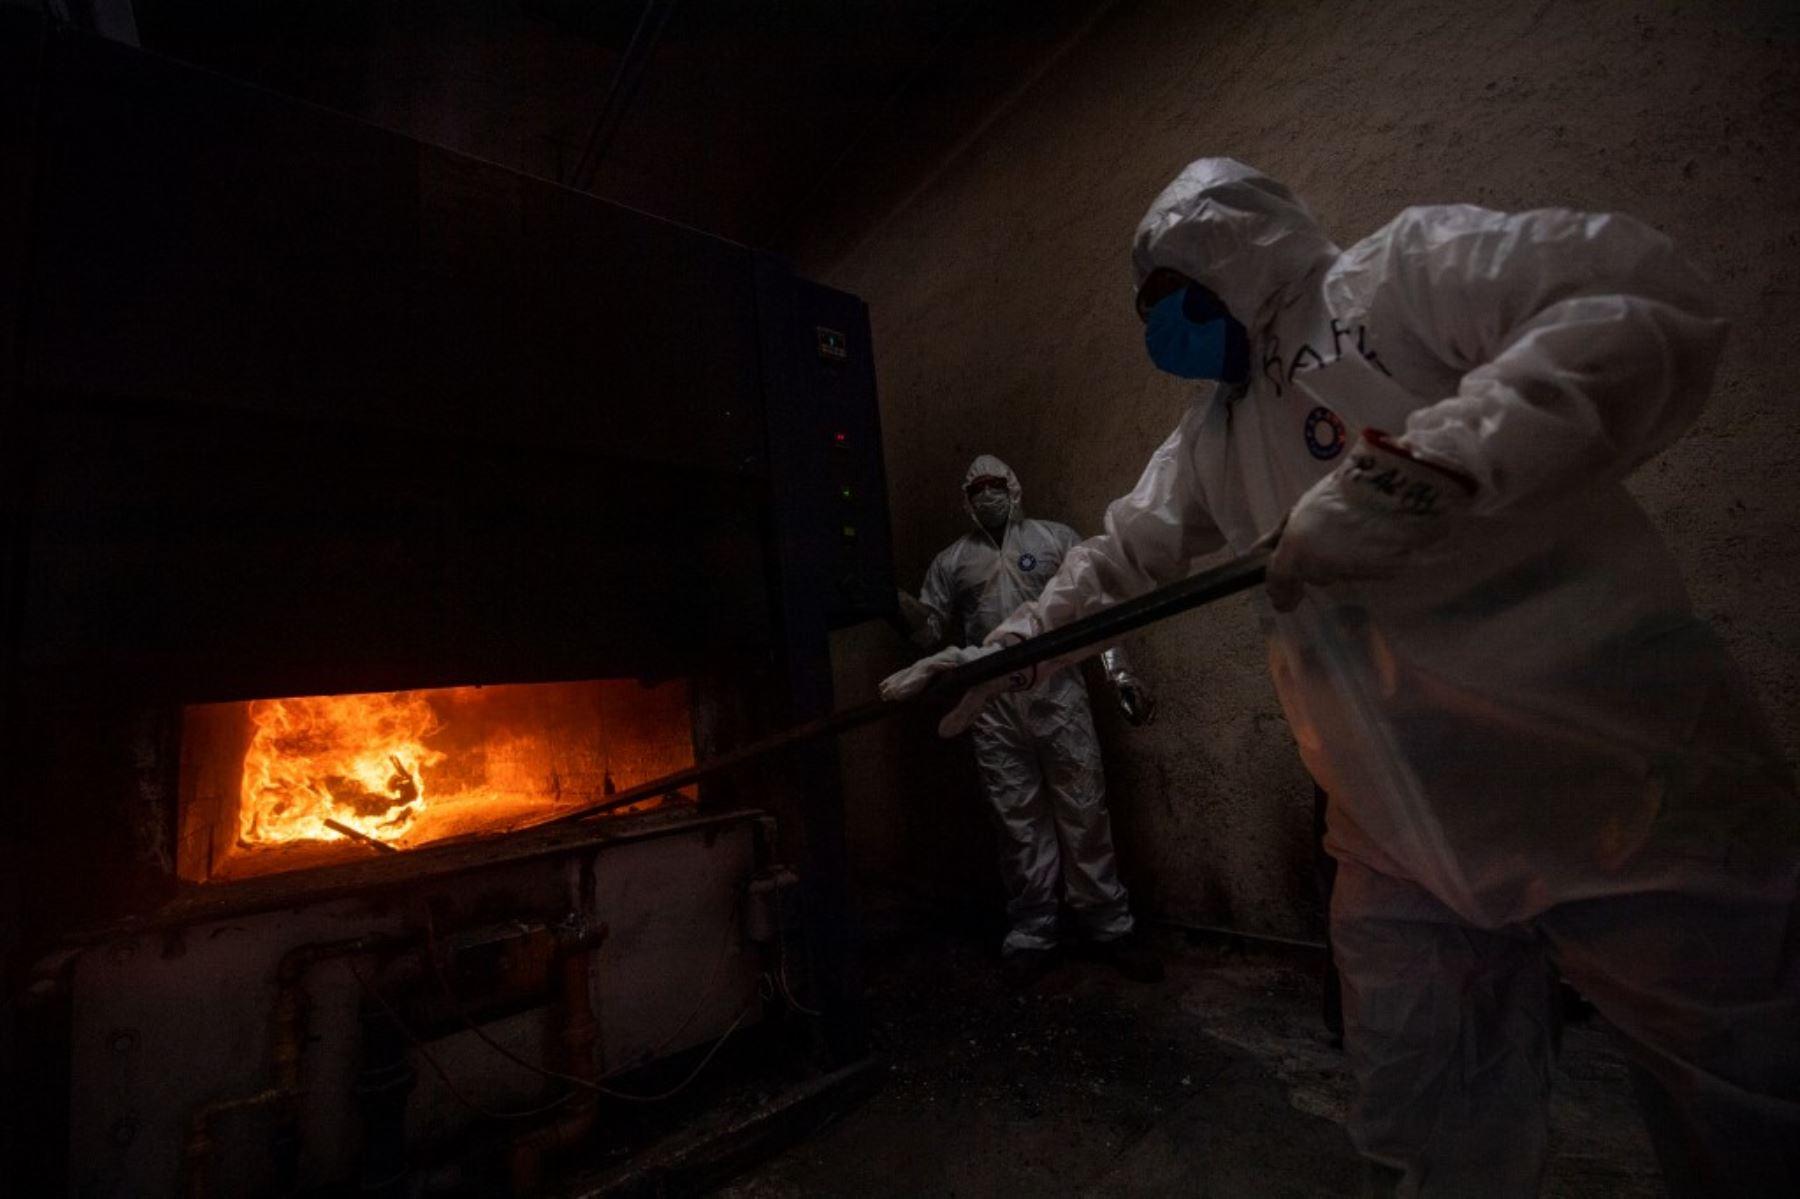 Los empleados usan equipo de protección mientras trabajan en el crematorio Azcapotzalco en Ciudad de México. Foto: AFP